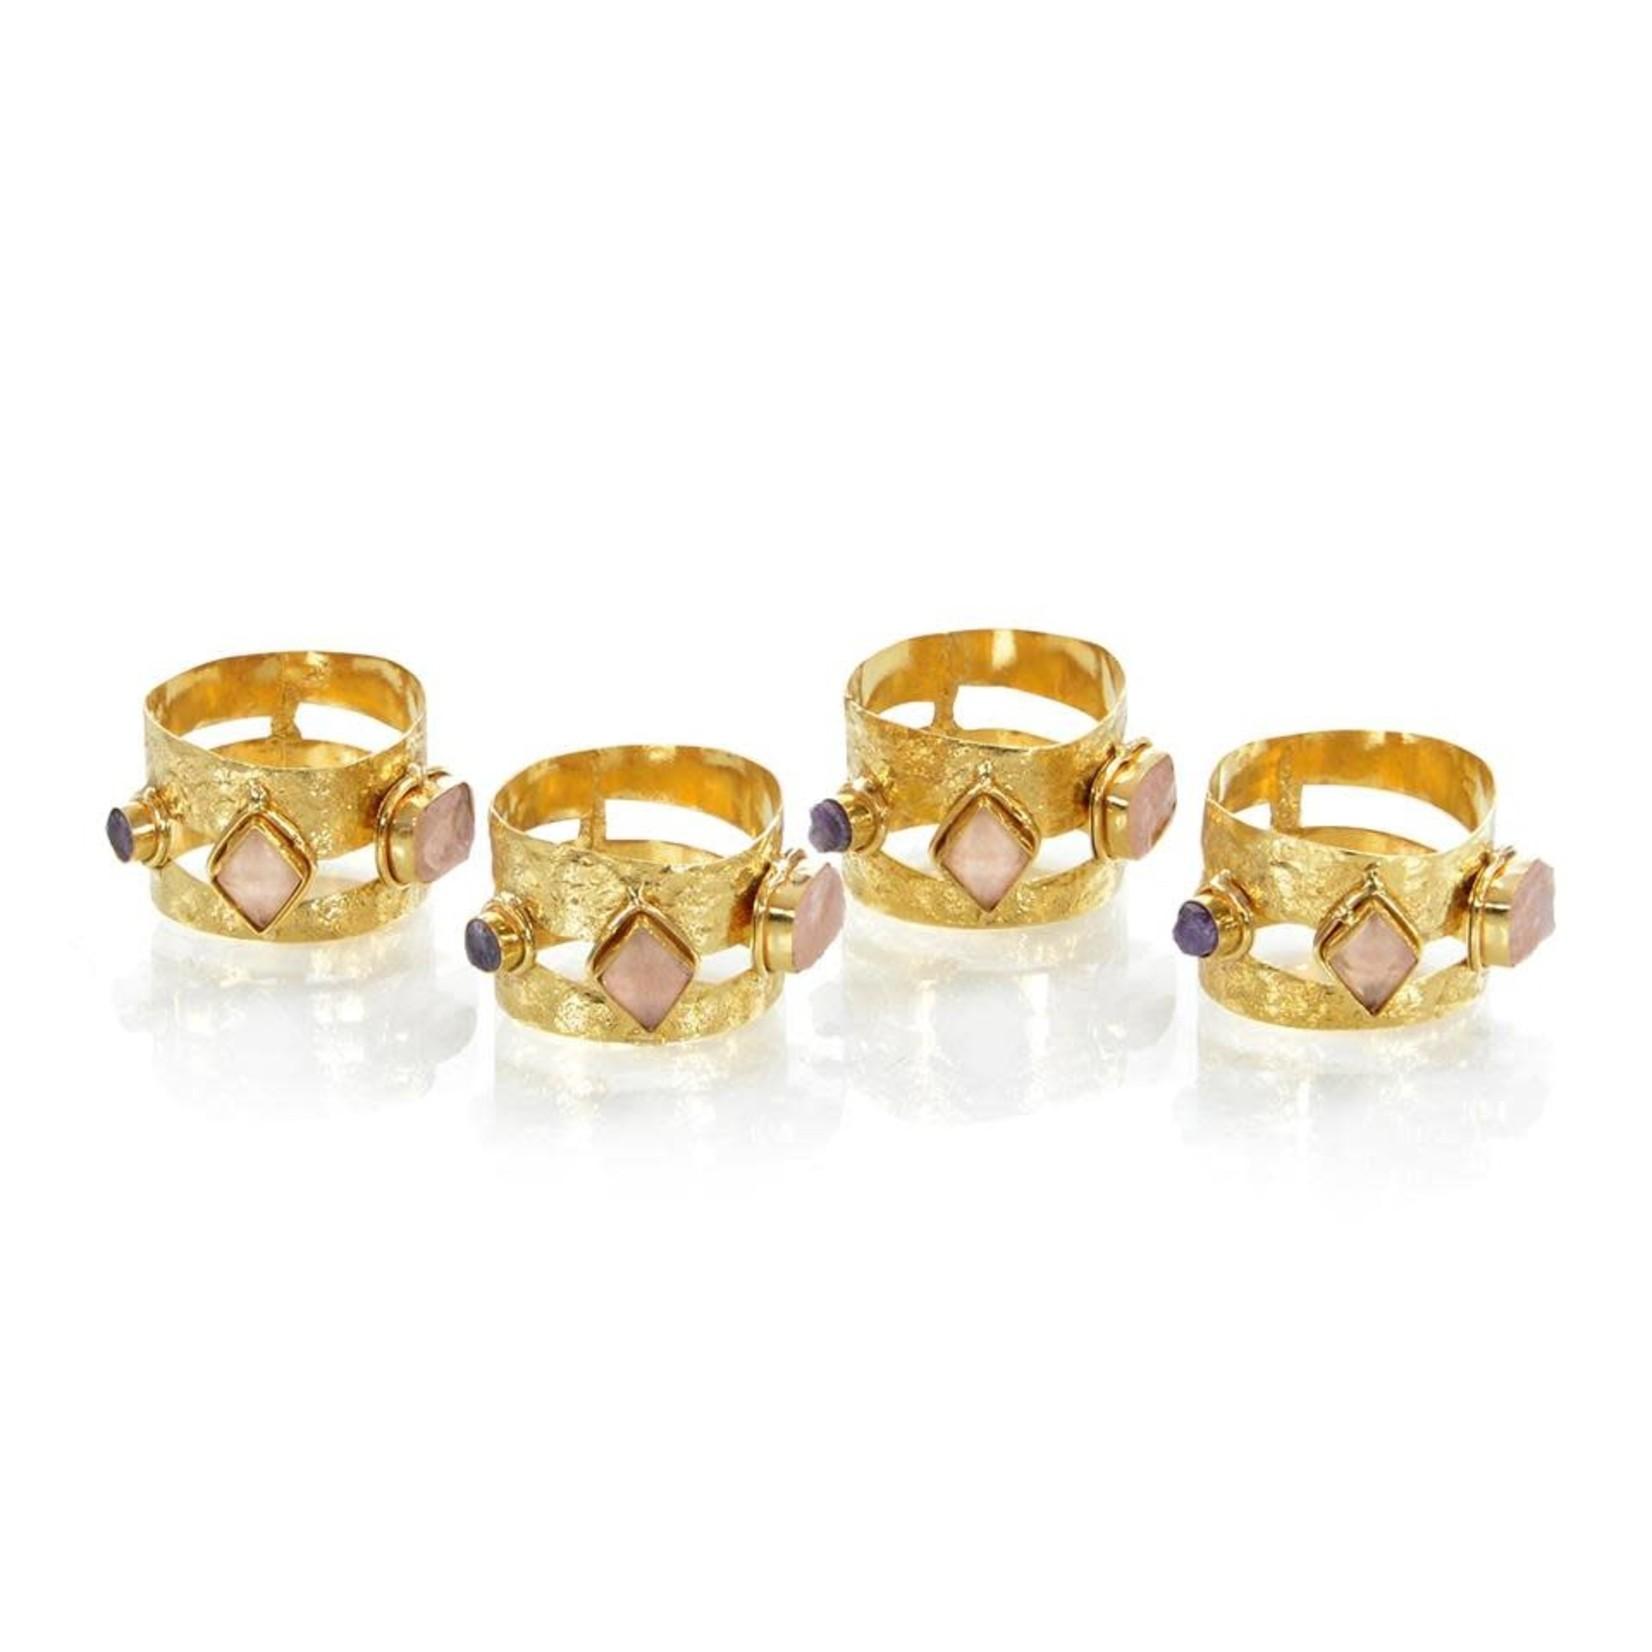 John Richard Set of Four Opulent Napkin Rings